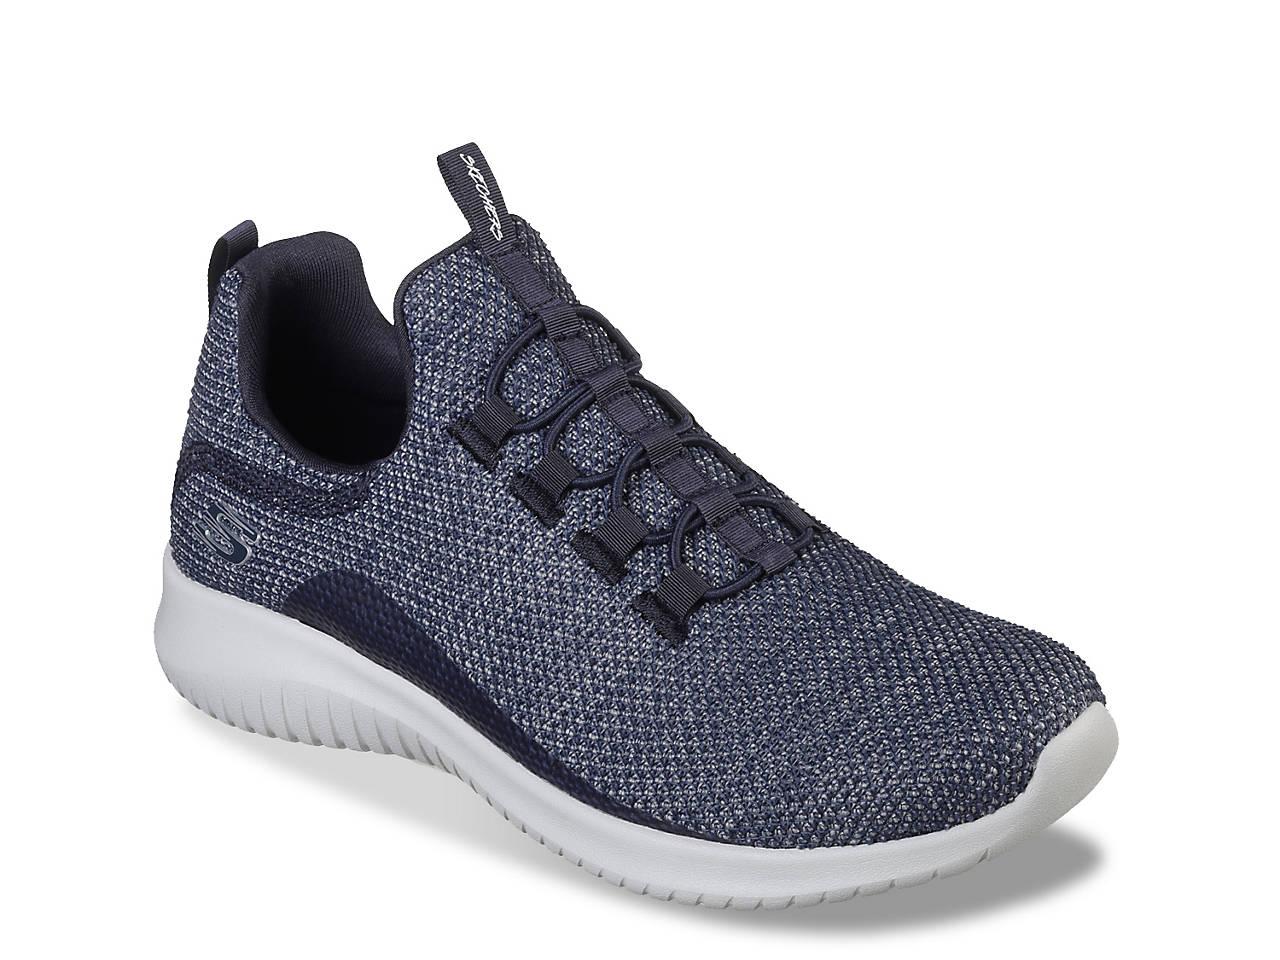 6bde7385c86b Skechers Ultra Flex Capsule Slip-On Sneaker - Women s Women s Shoes ...